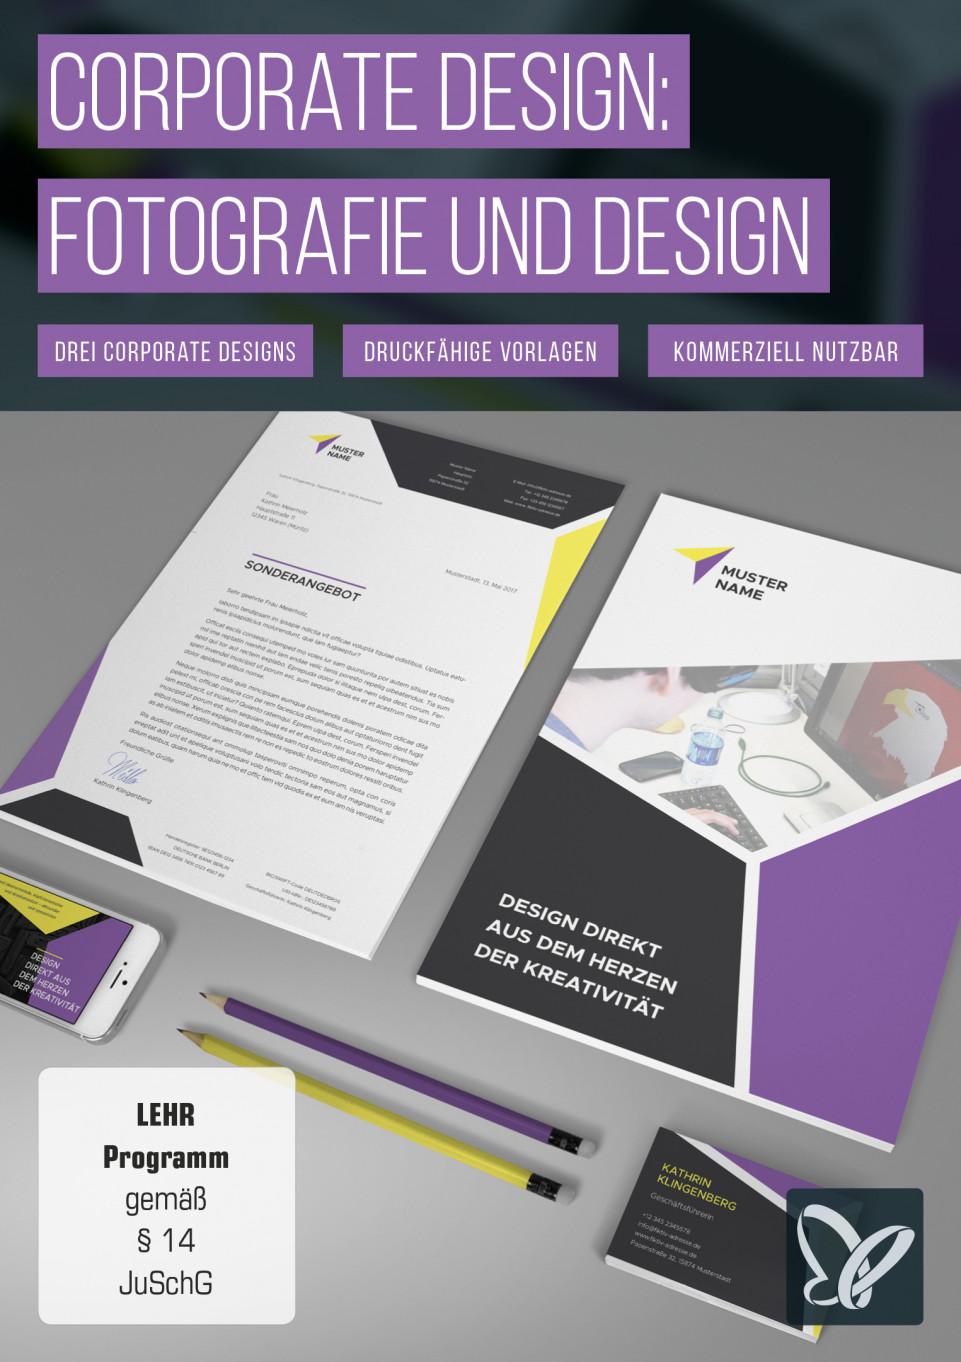 Corporate Design – die komplette Brand Identity für Fotografen und Designer